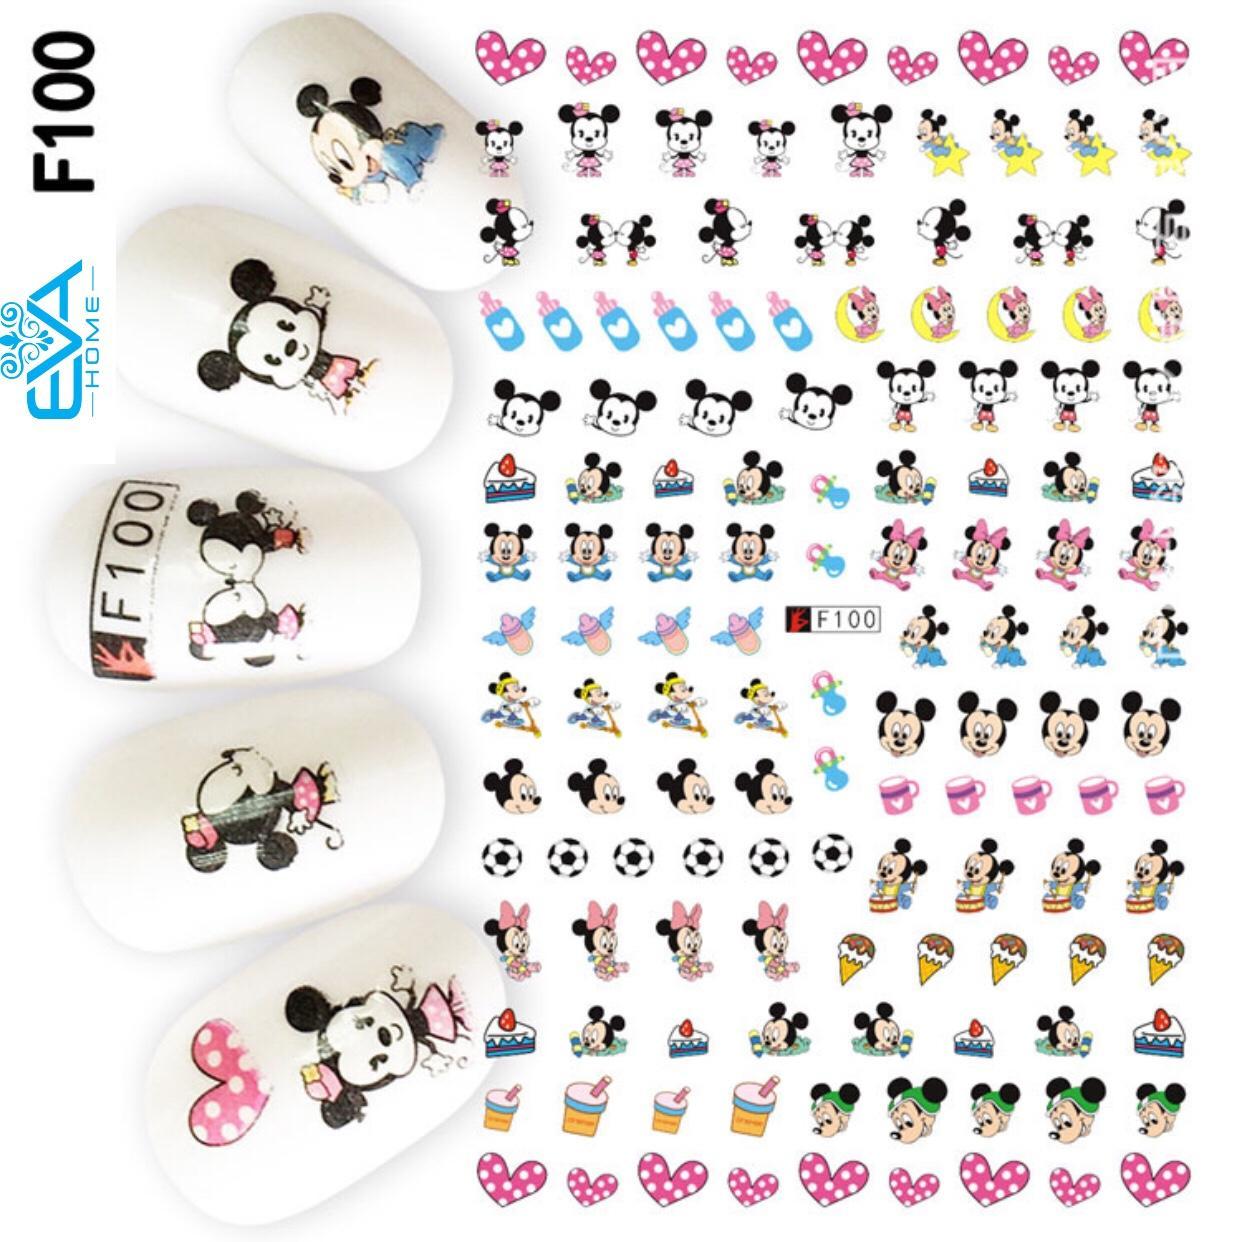 Miếng Dán Móng Tay 3D Nail Sticker Hoạt Hình Chuột Mickey F100 tốt nhất